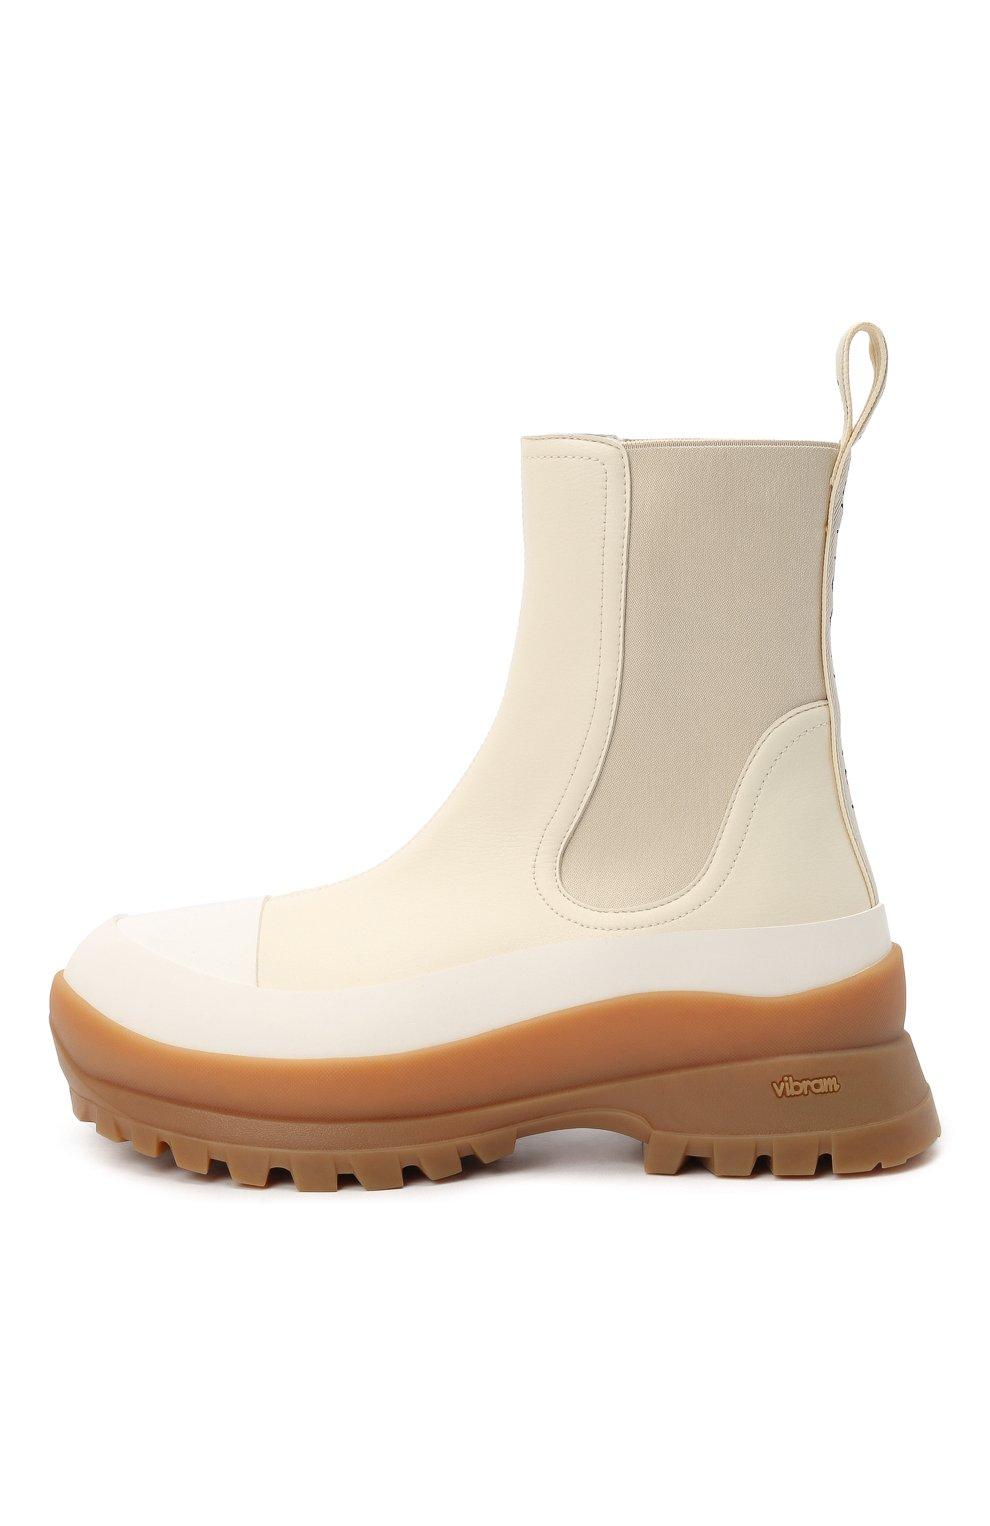 Женские комбинированные ботинки STELLA MCCARTNEY кремвого цвета, арт. 800397/N0244 | Фото 3 (Материал внешний: Экокожа, Текстиль; Подошва: Платформа; Каблук высота: Низкий; Женское Кросс-КТ: Челси-ботинки; Материал внутренний: Текстиль)